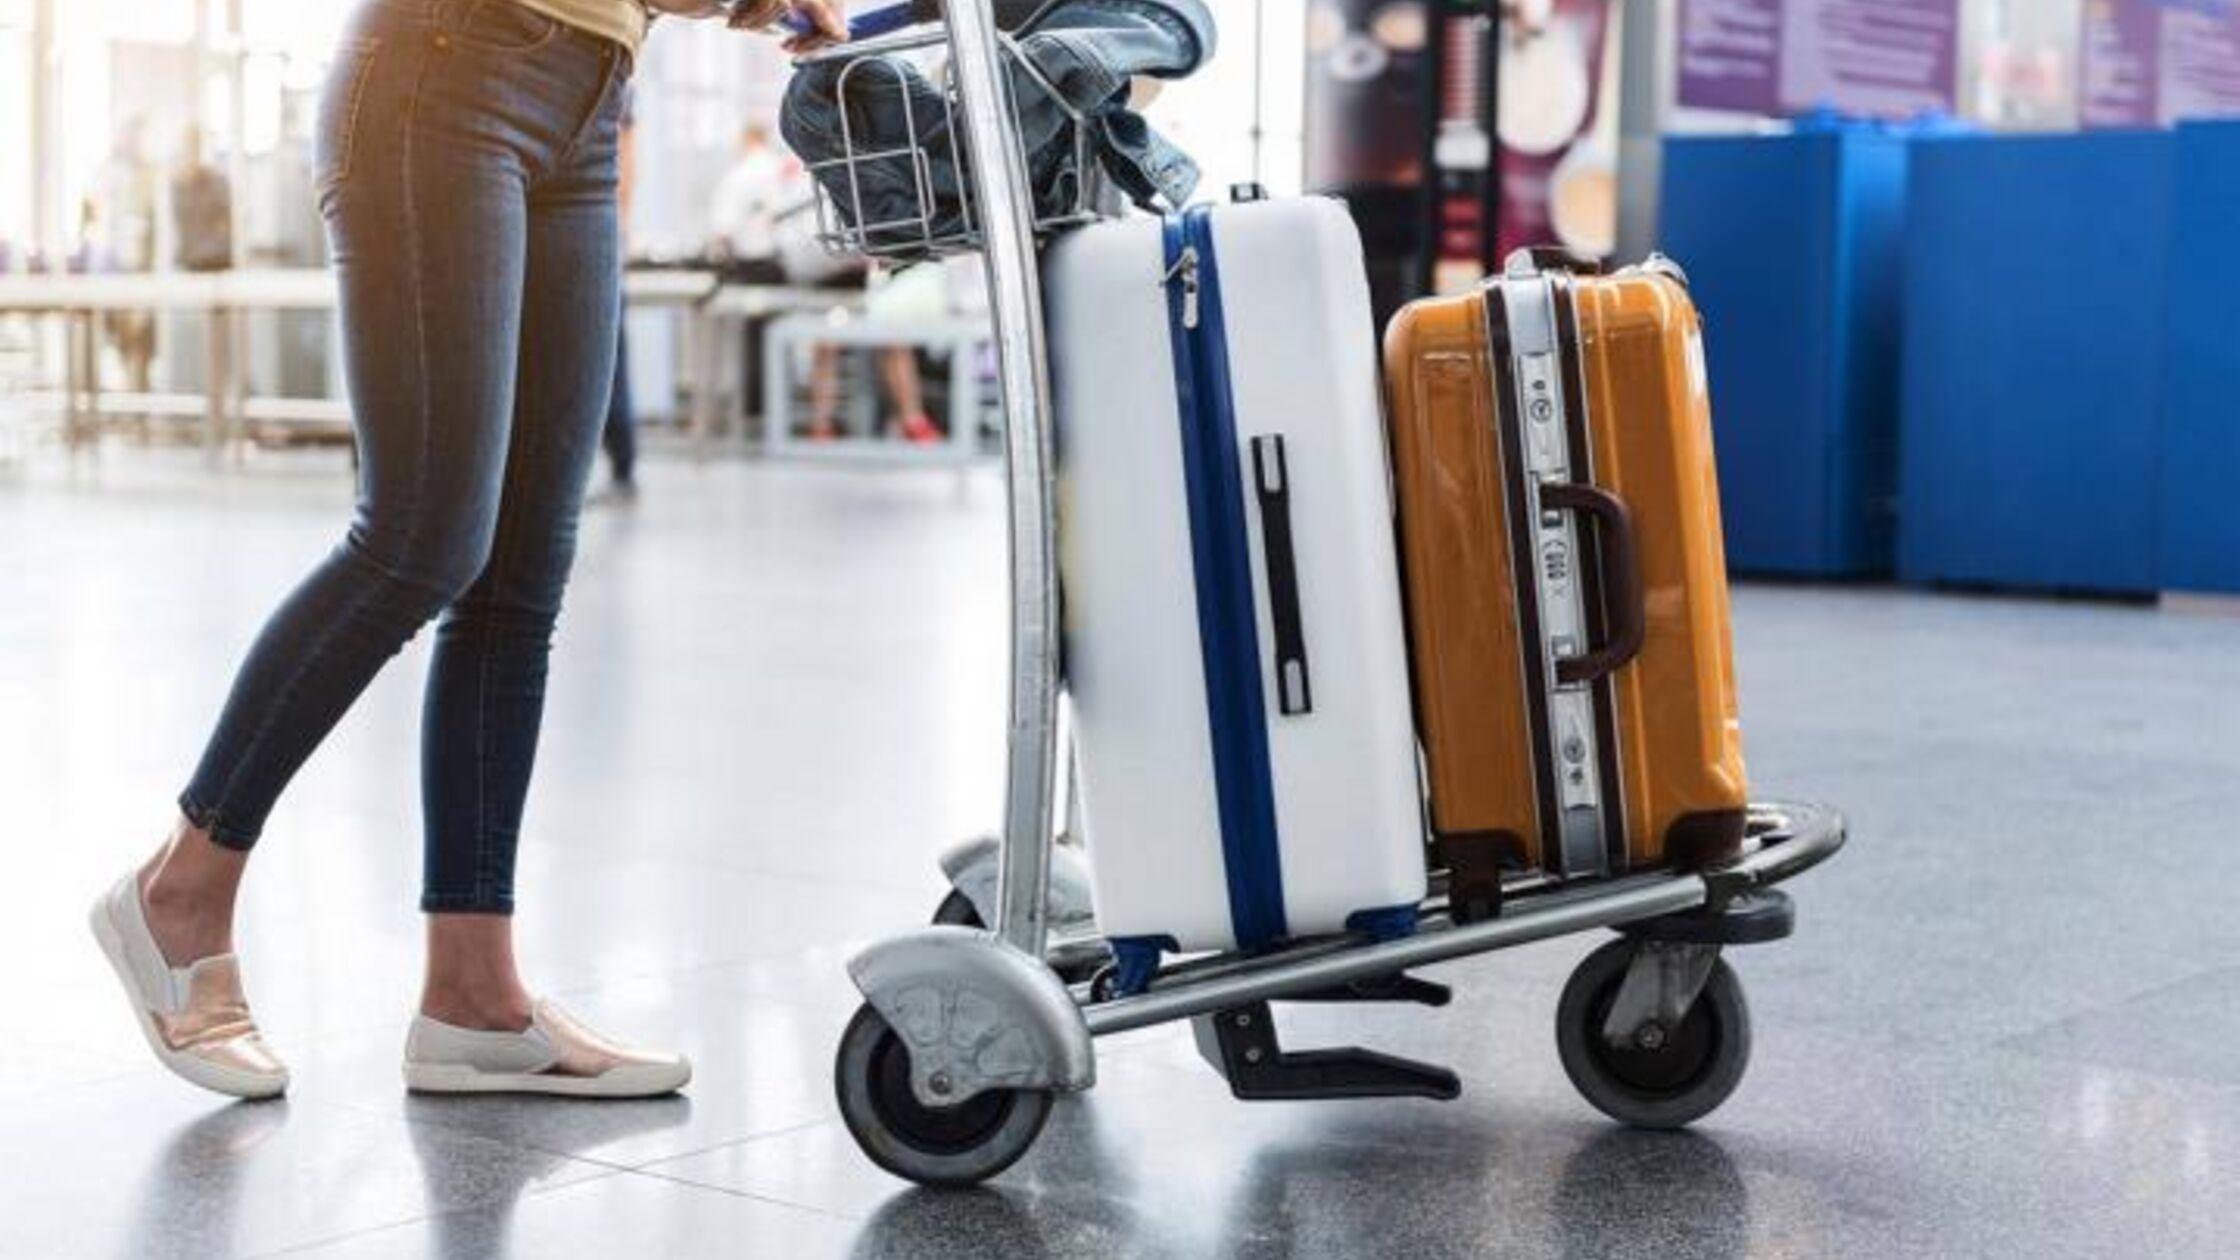 Frau mit Koffern am Flughafen